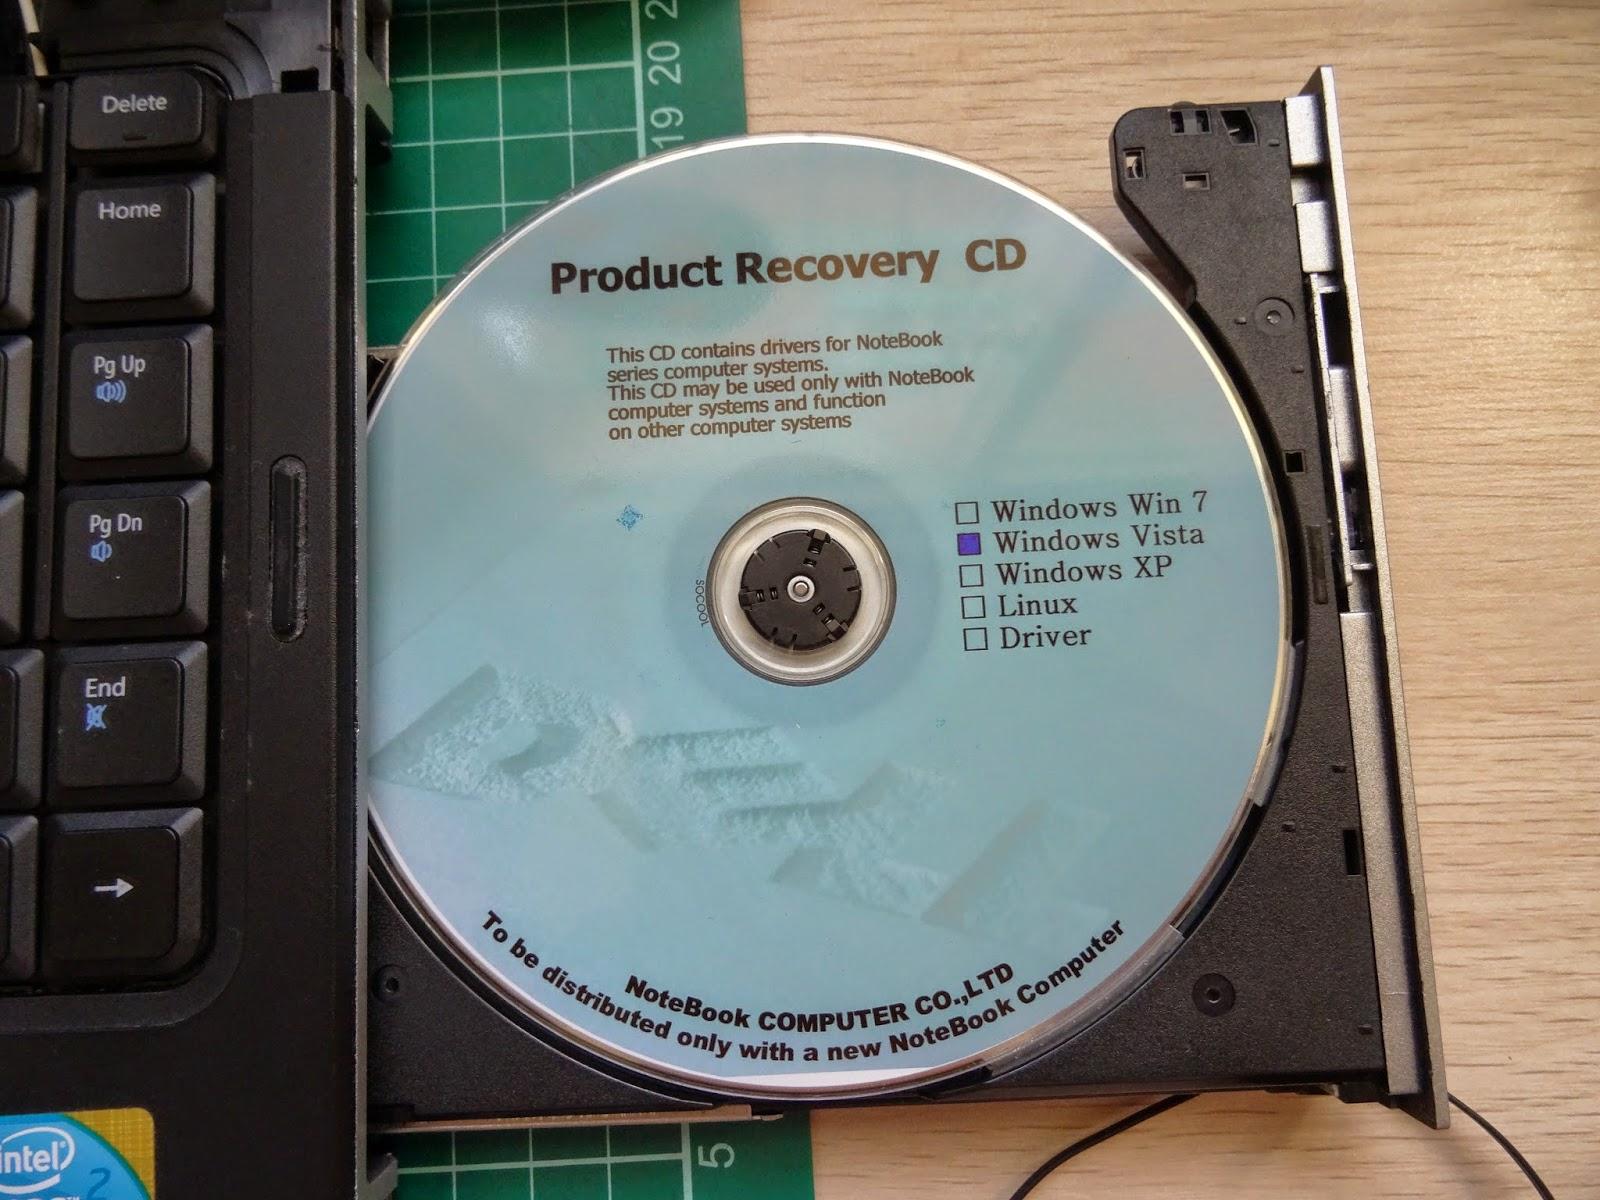 哈囉!你好嗎?: 舊筆電換完硬碟無法開機